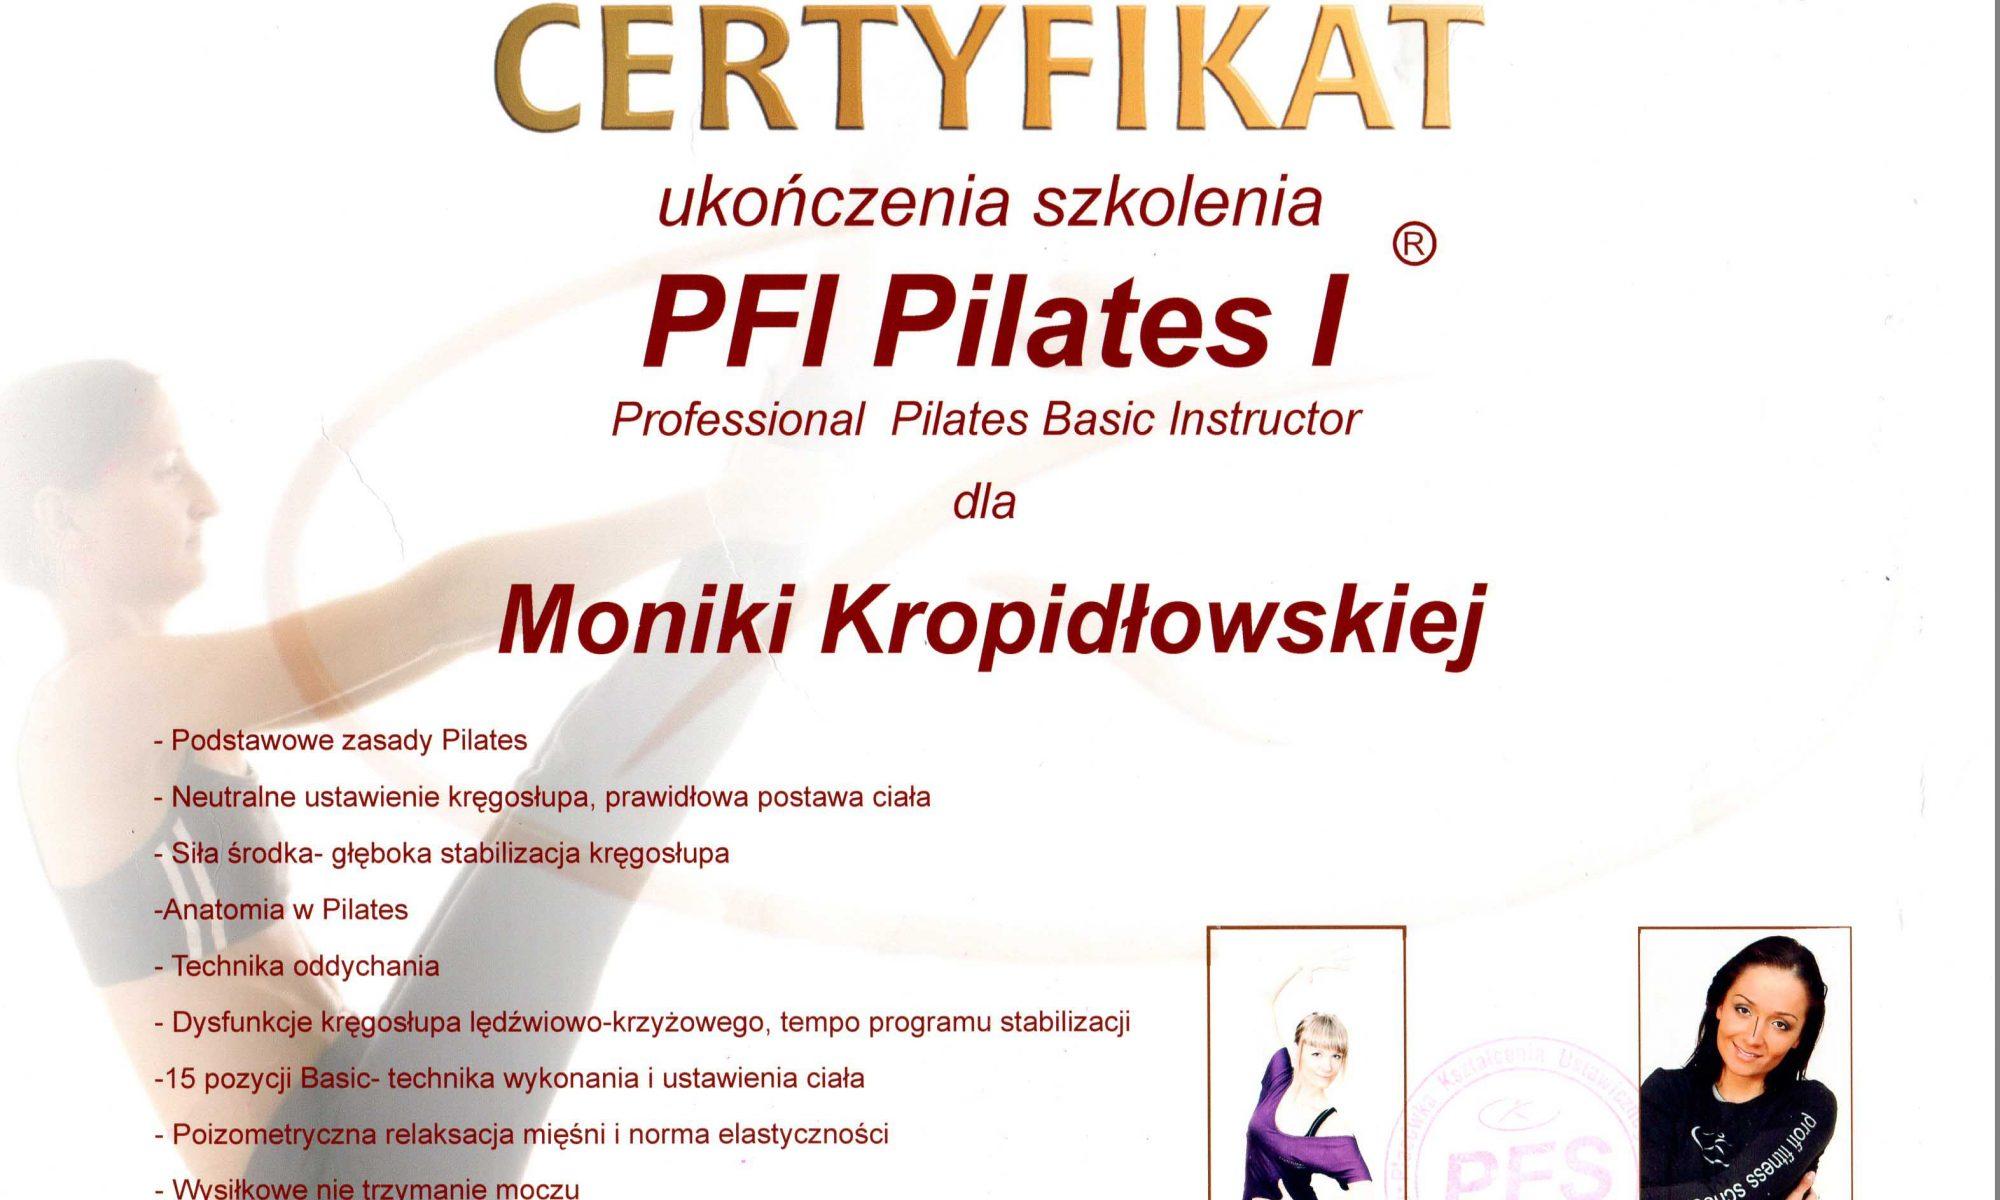 Kinesis Studio Certyfikat Ukończenia Szkolenia PFI Pilates I